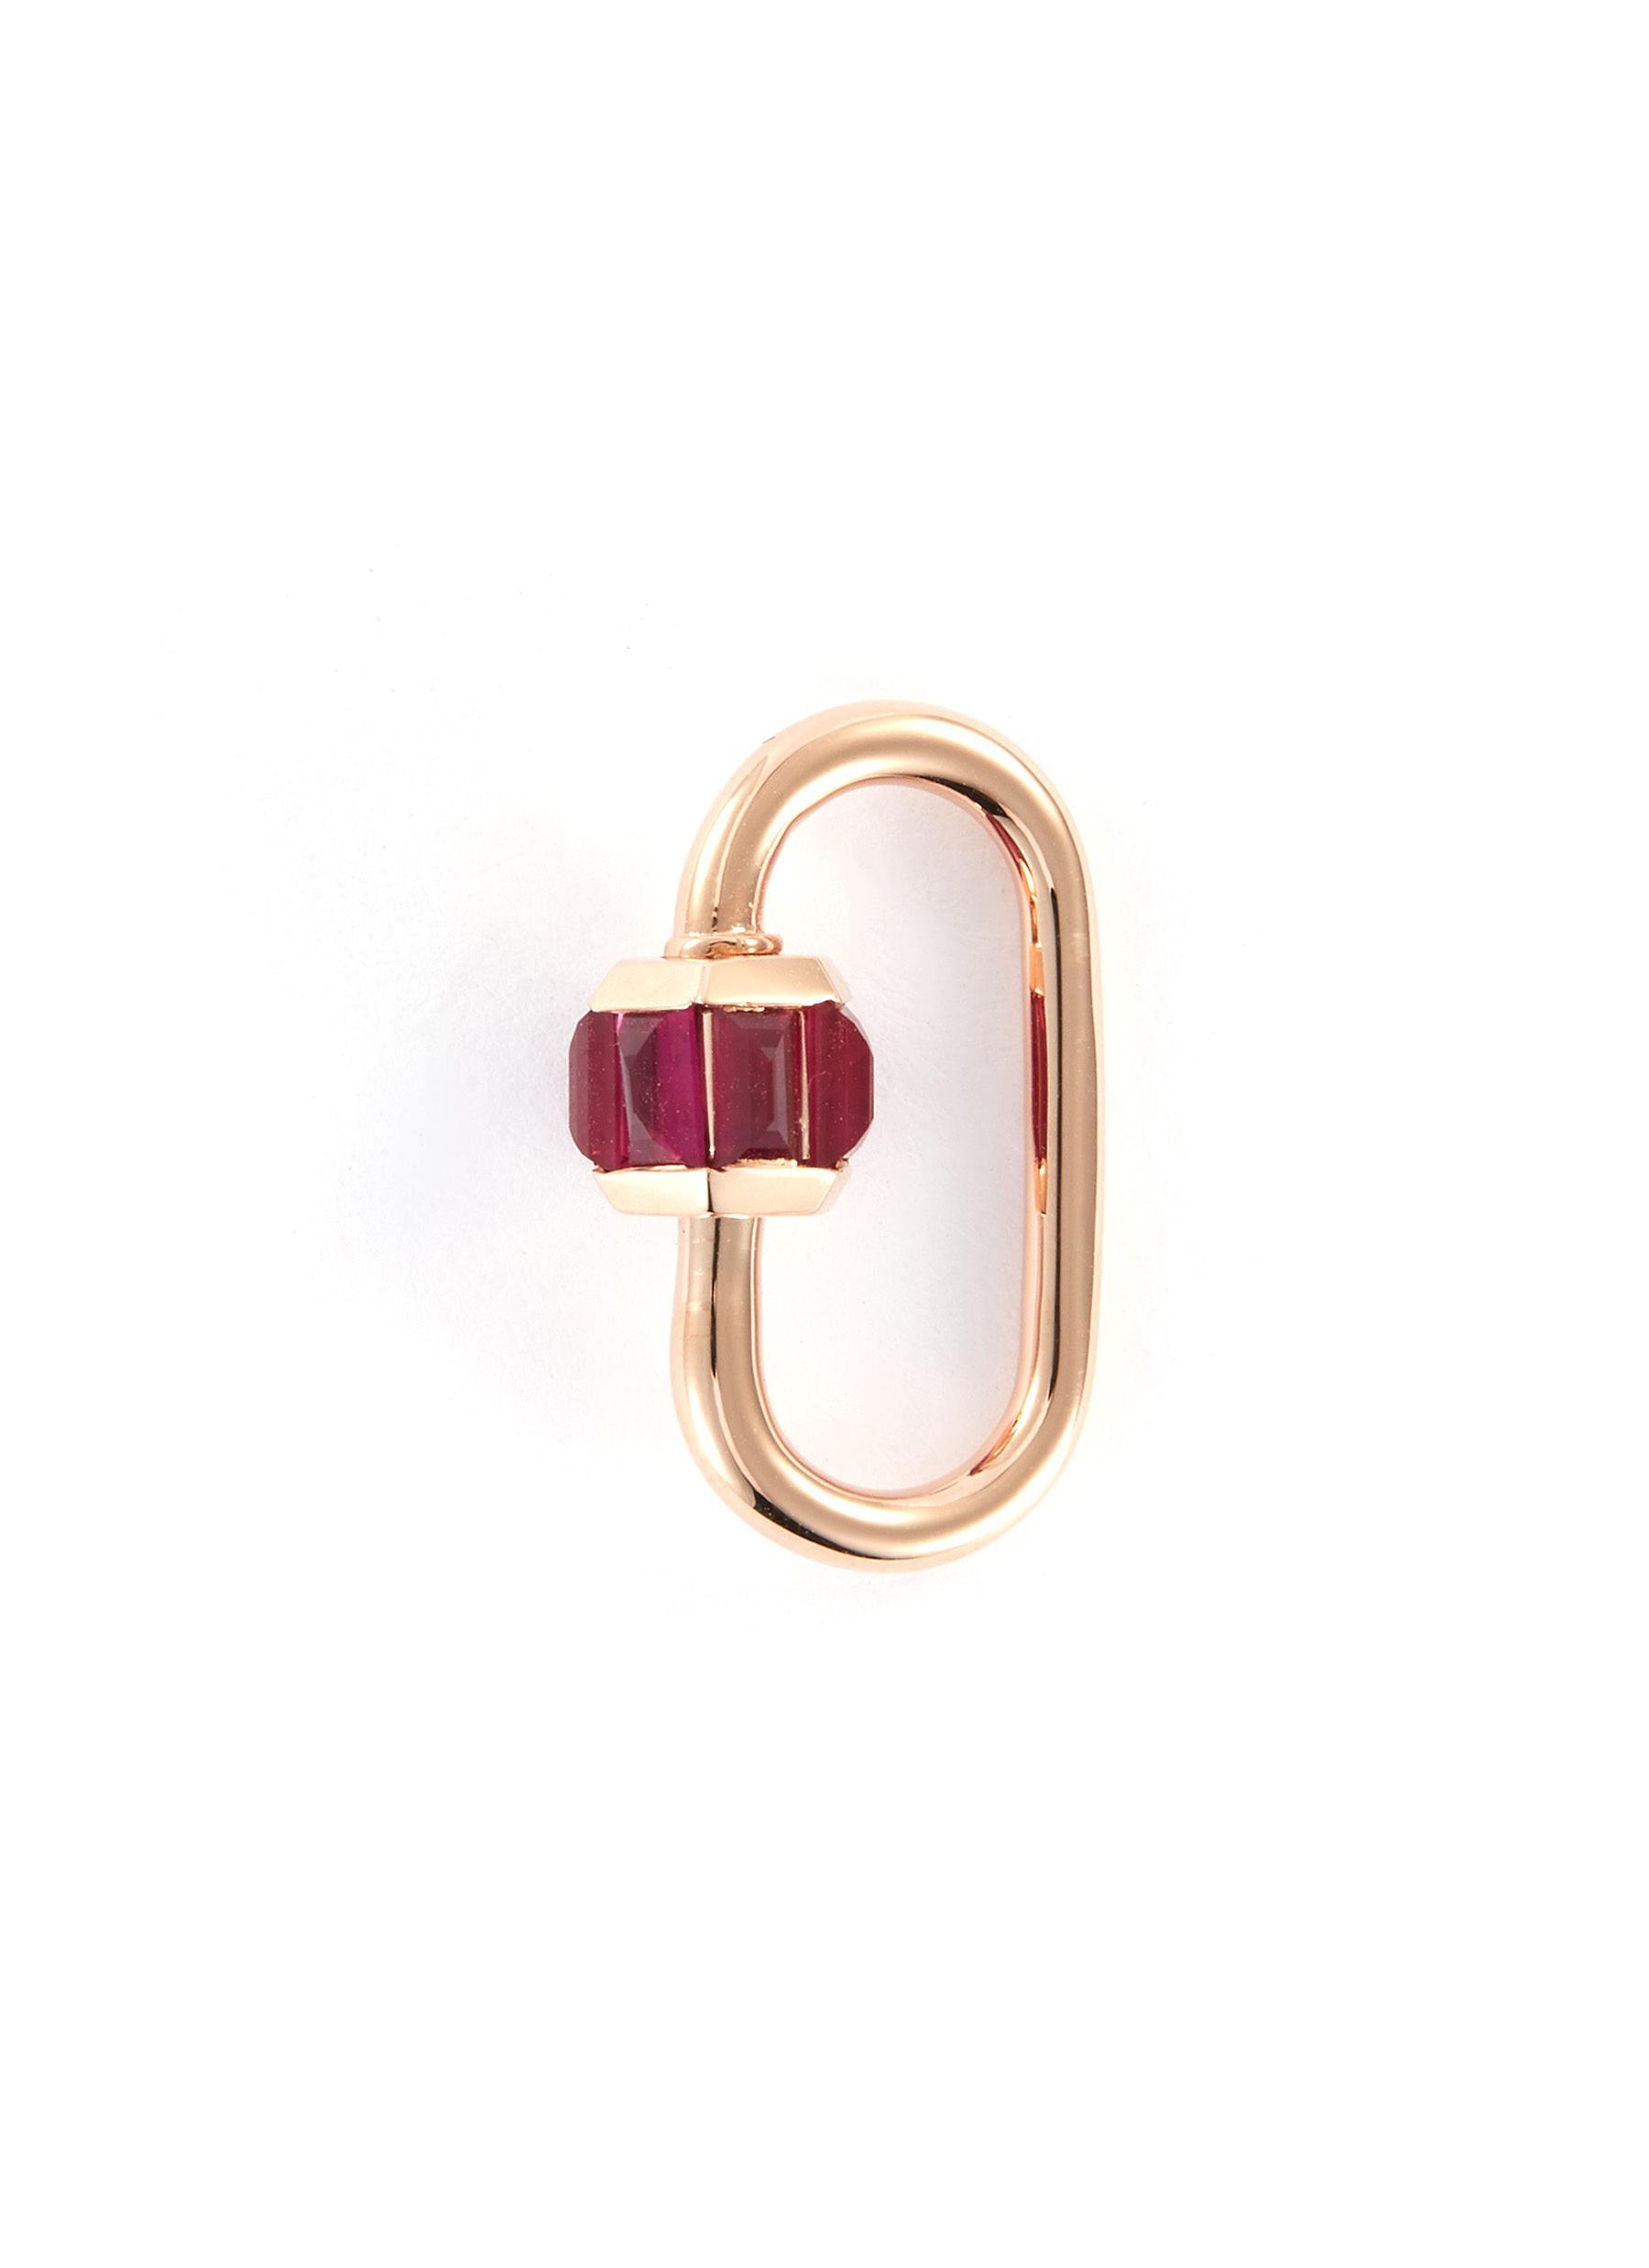 Ruby 14k rose gold baguette medium lock